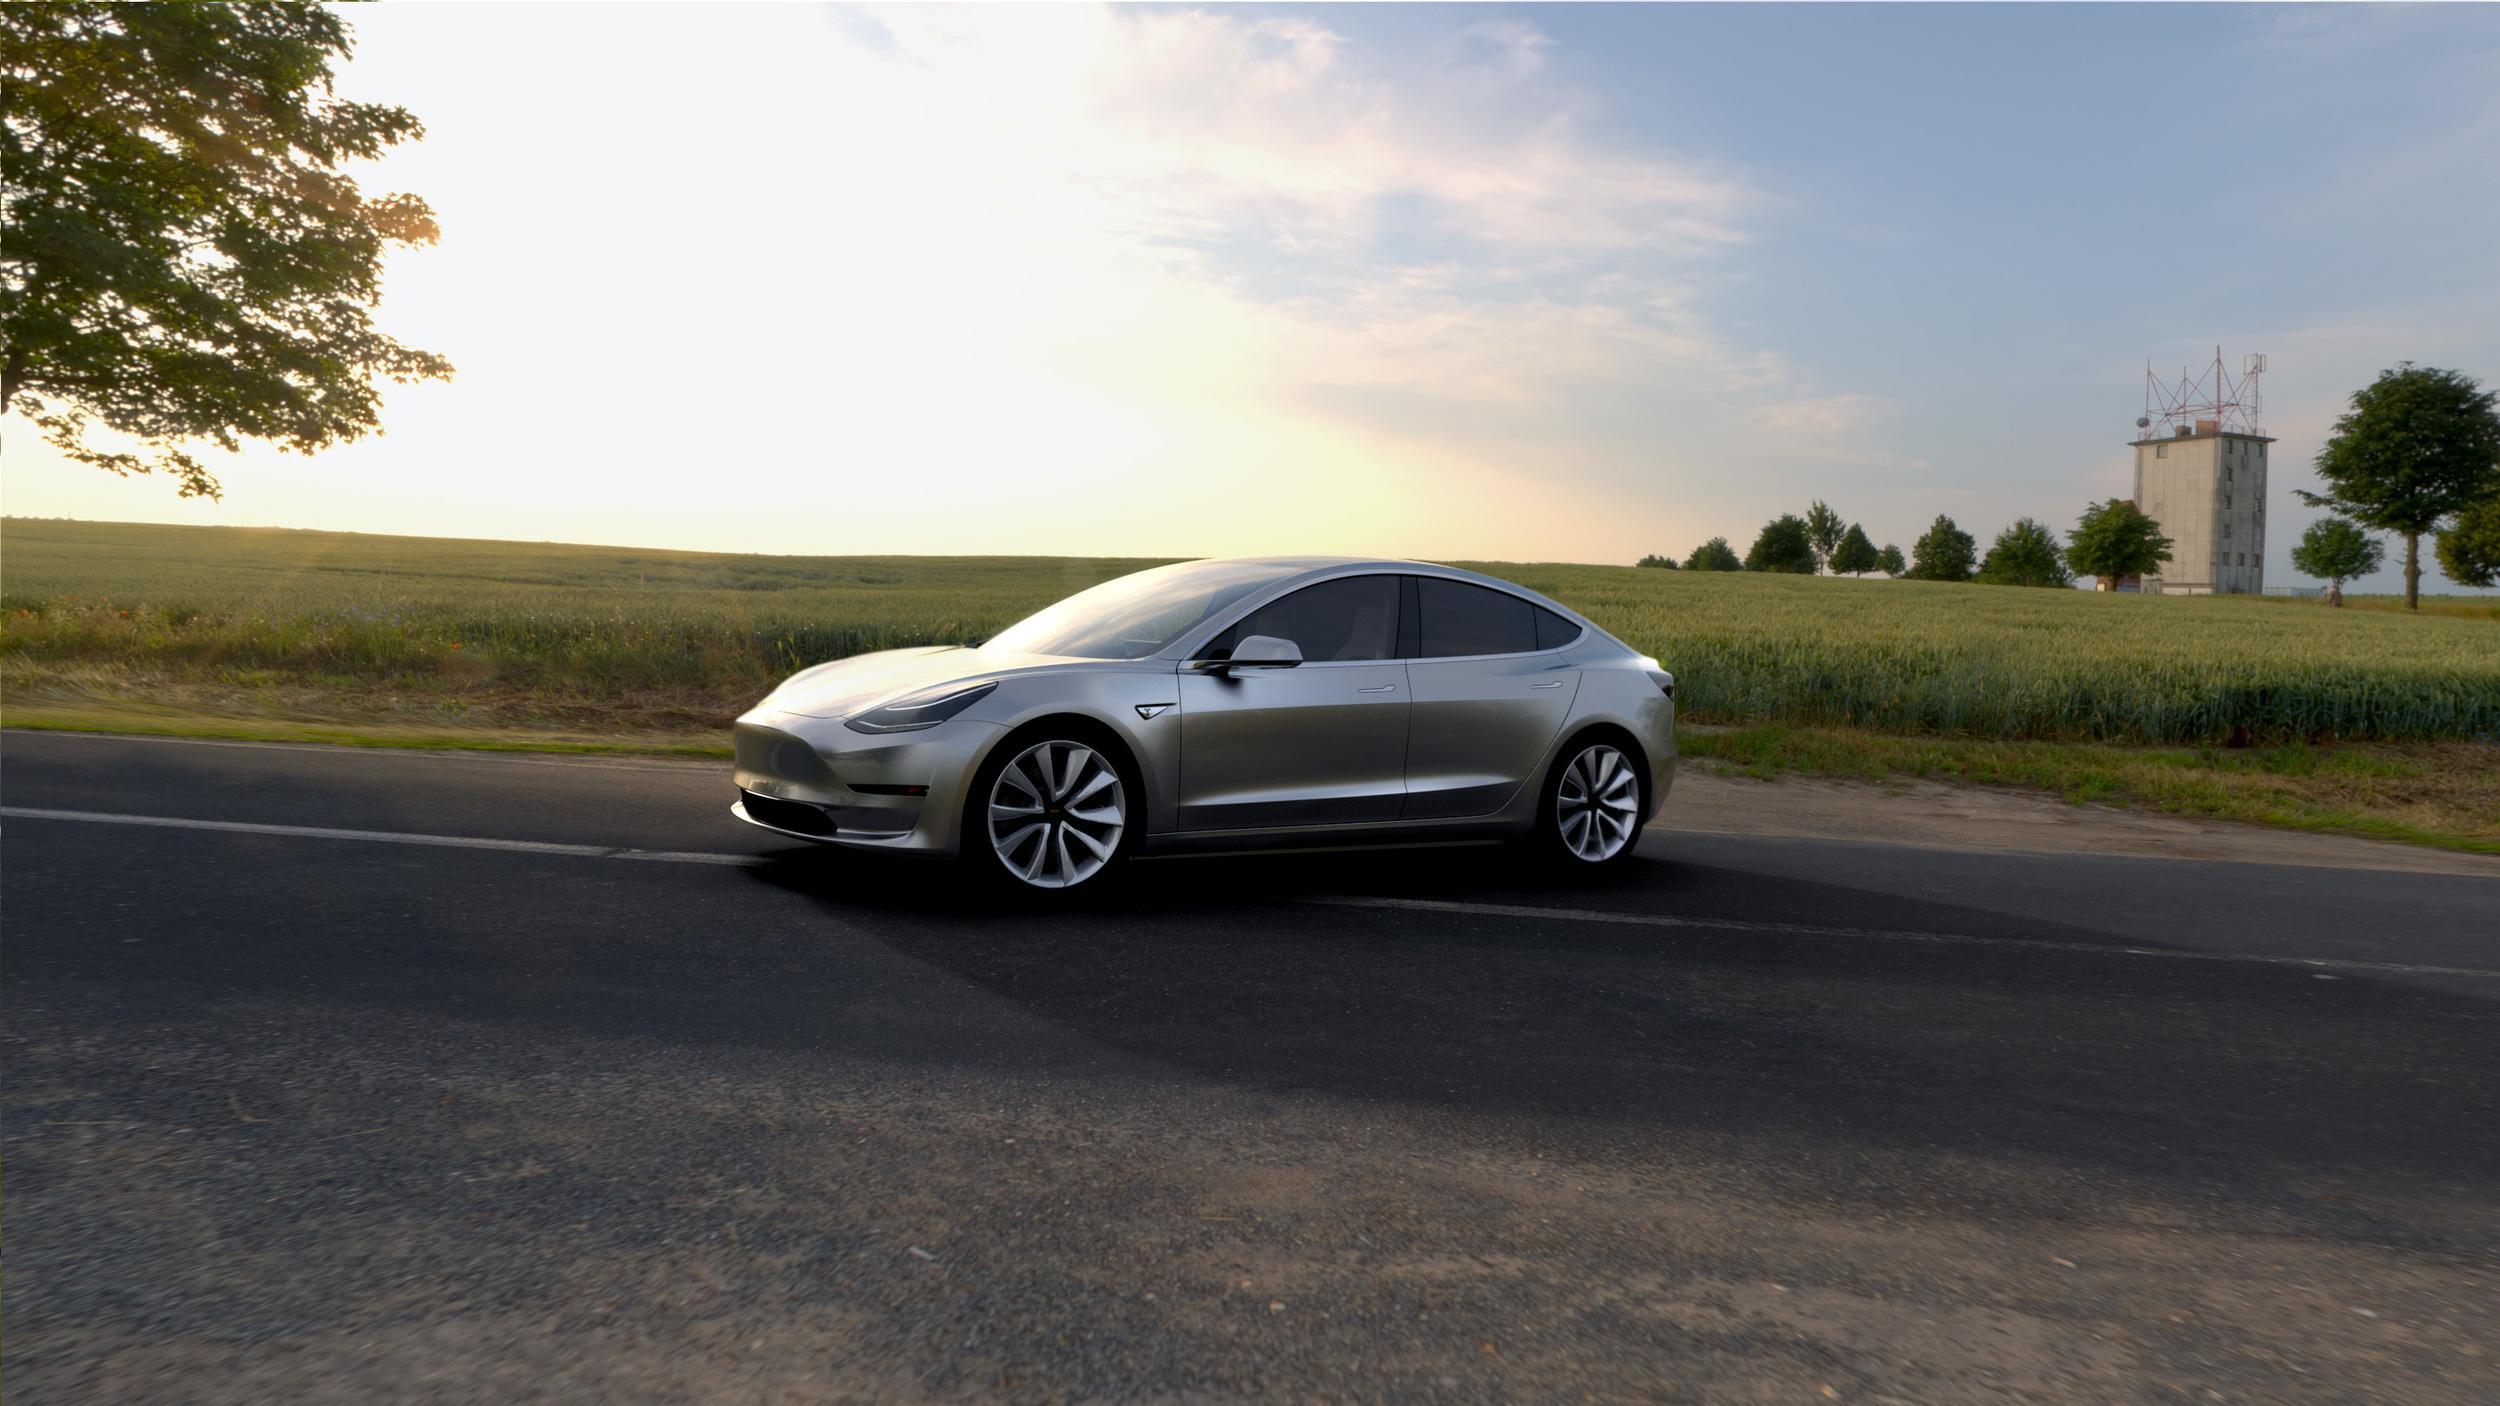 Schon 232.000 Bestellungen für das Tesla Model 3